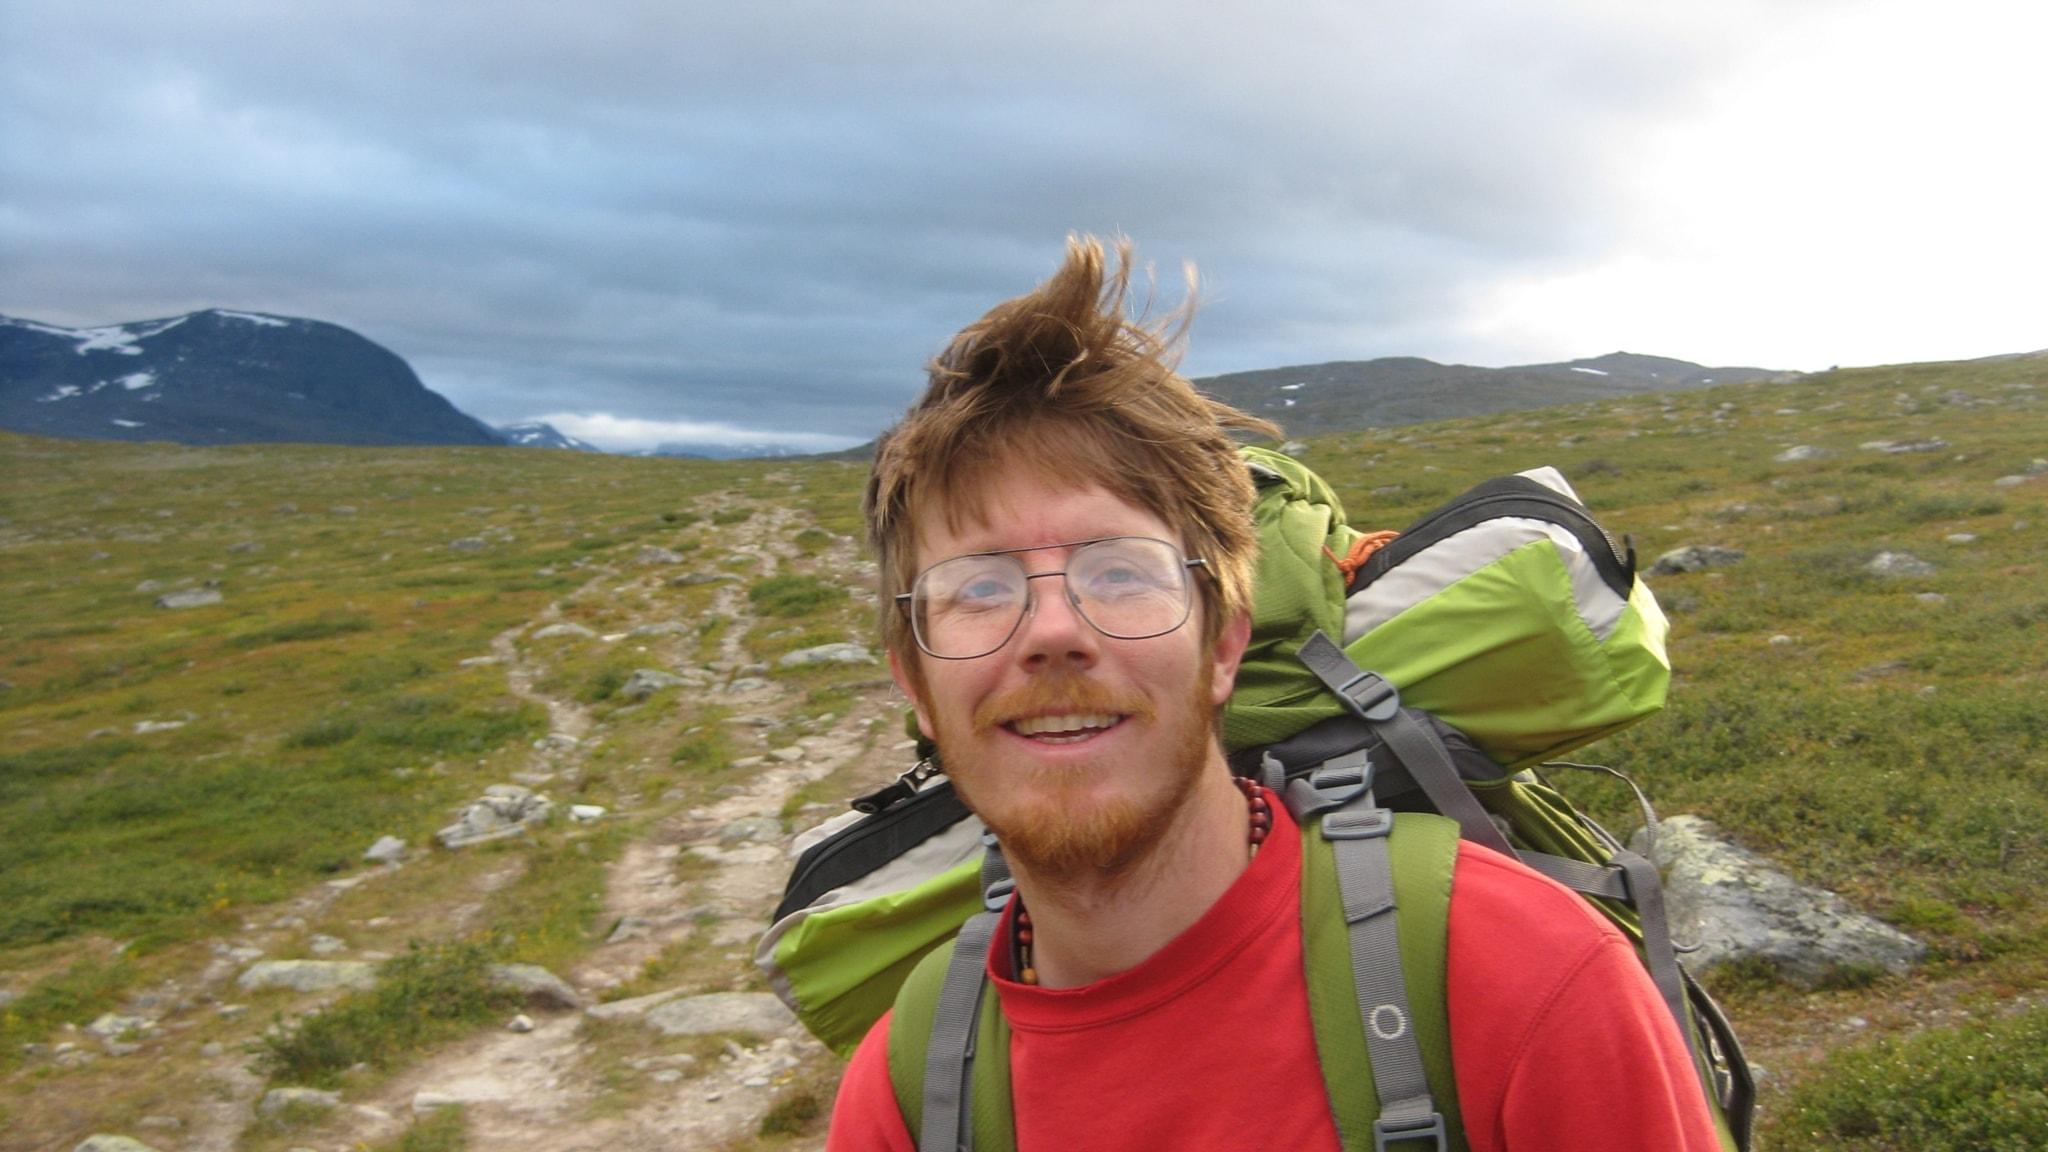 Josh Armfield - Vad vill jag forma mitt liv efter?